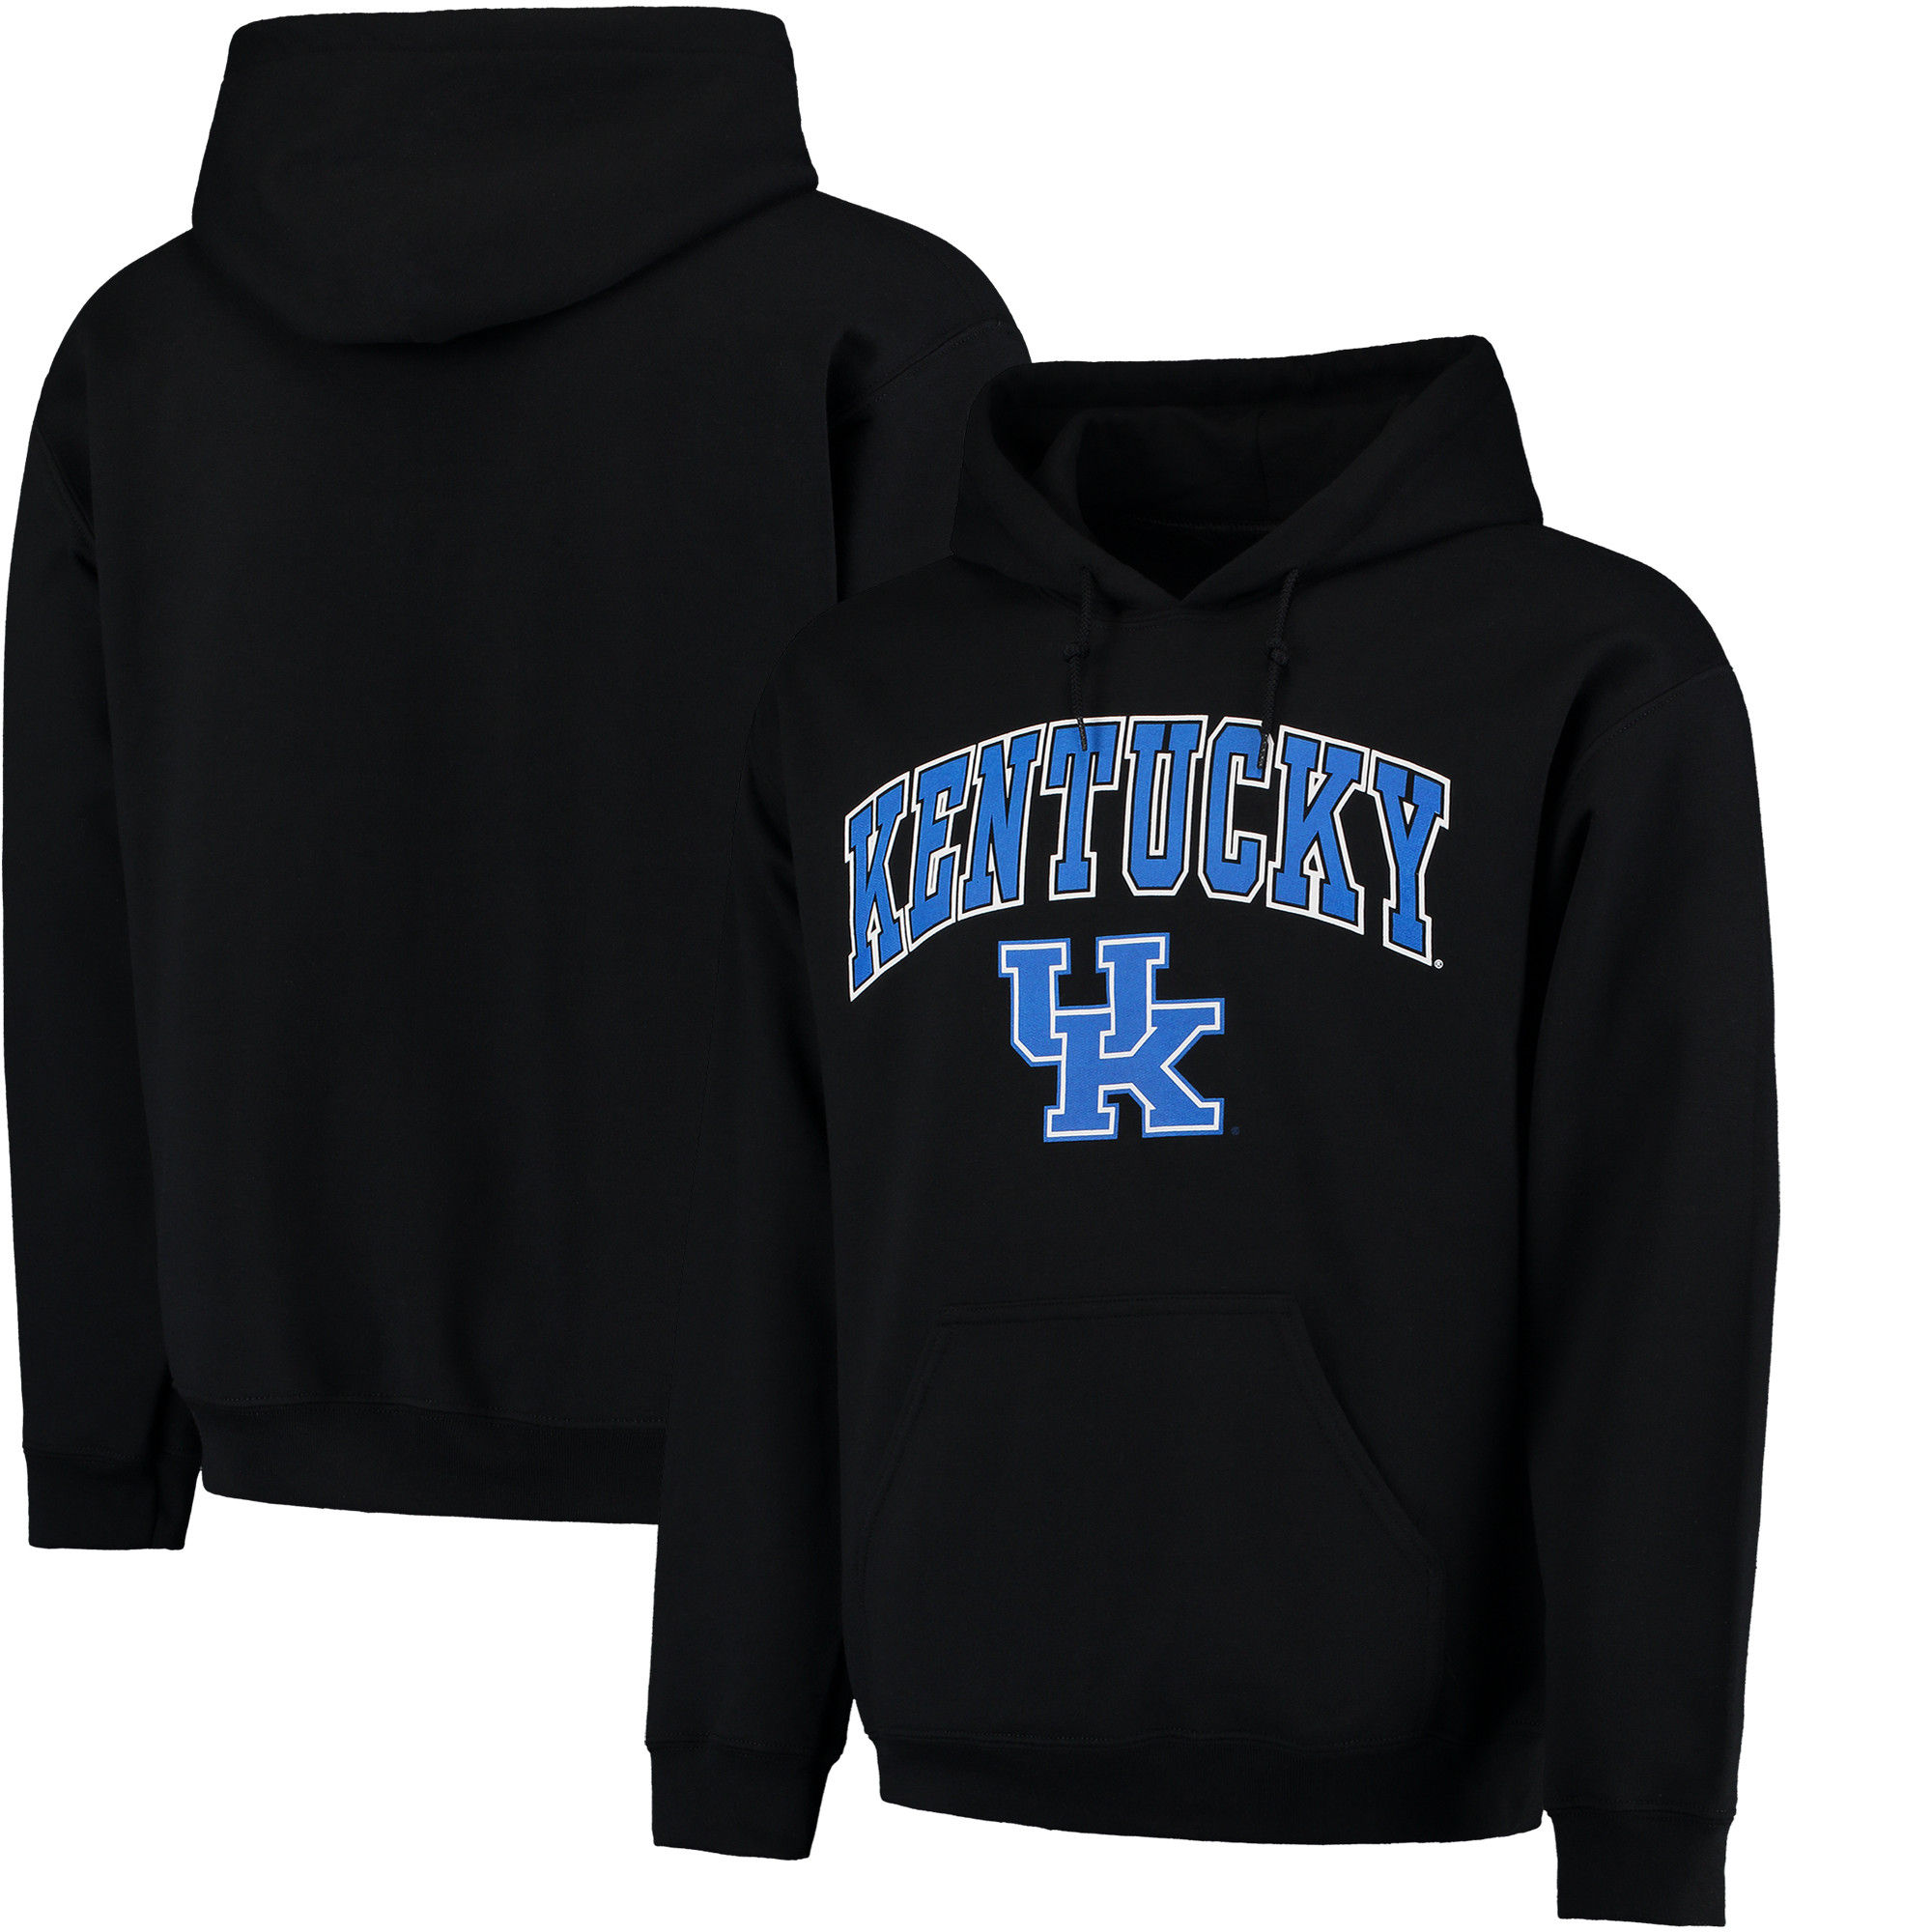 Kentucky Wildcats Black Campus Pullover Hoodie